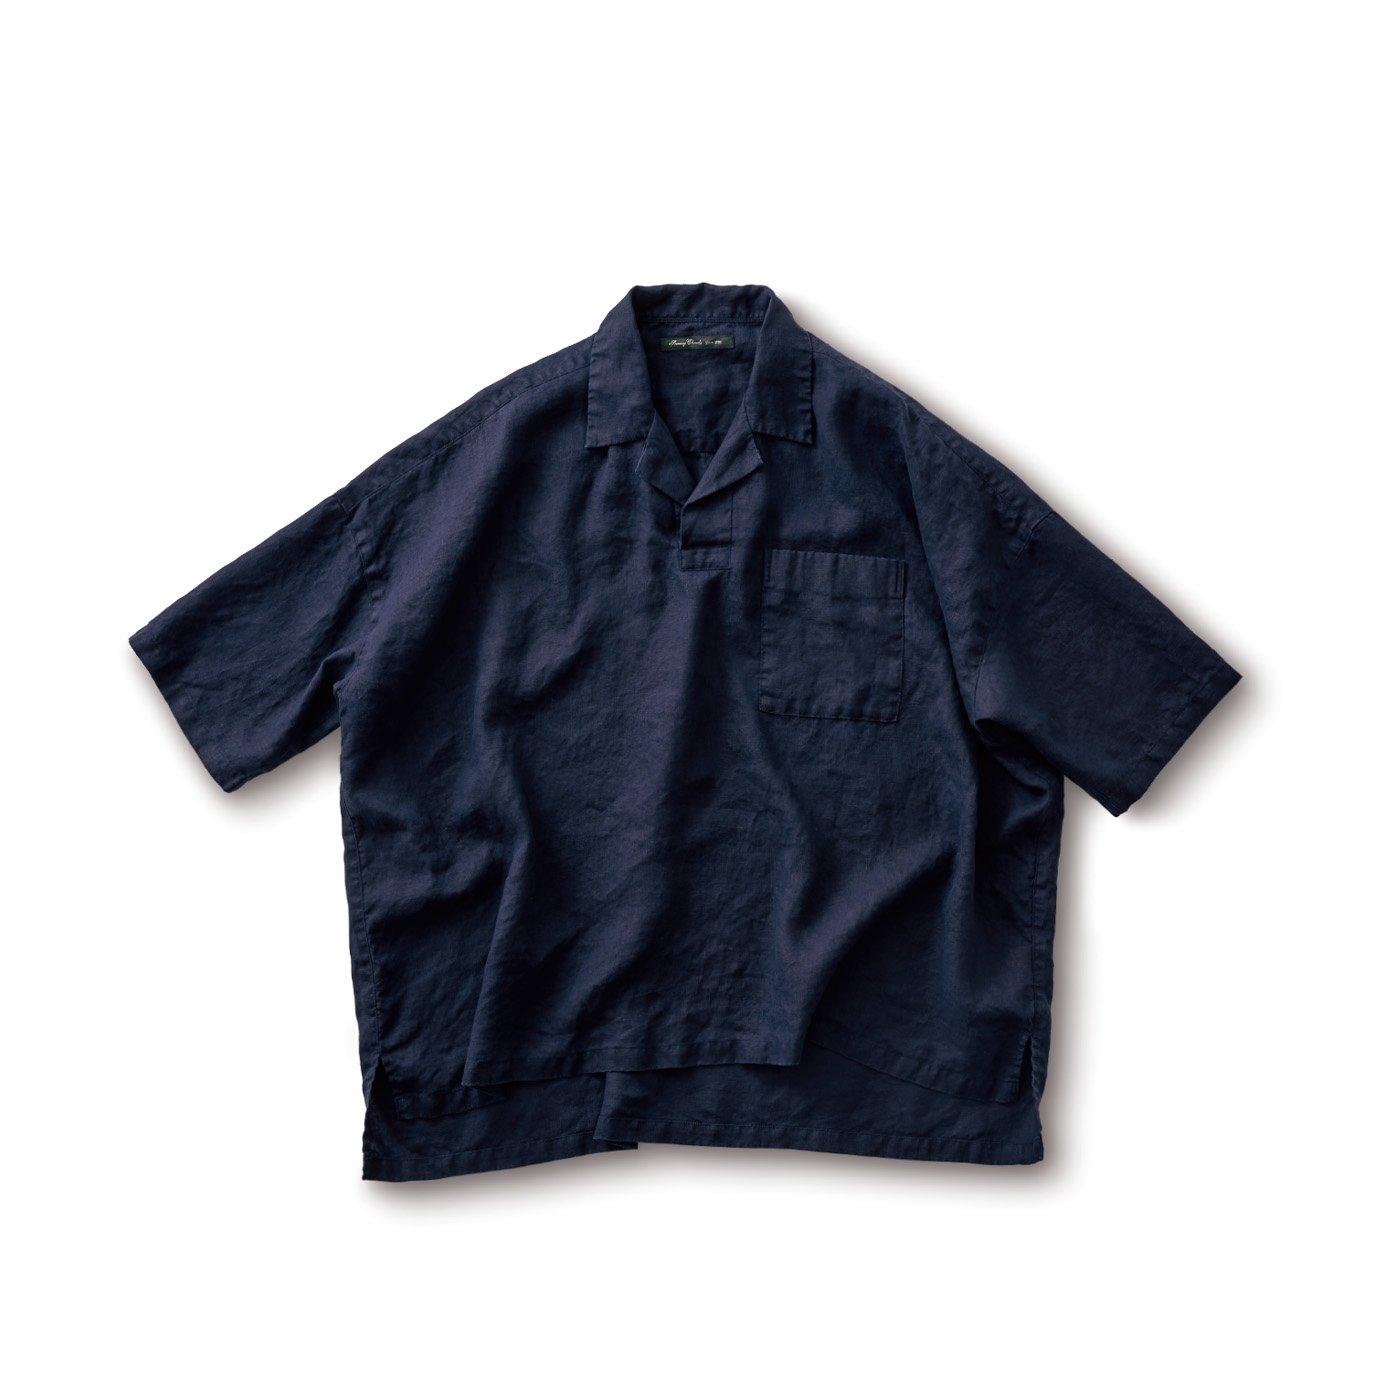 サニークラウズ かぶり開衿シャツ〈メンズ〉紺